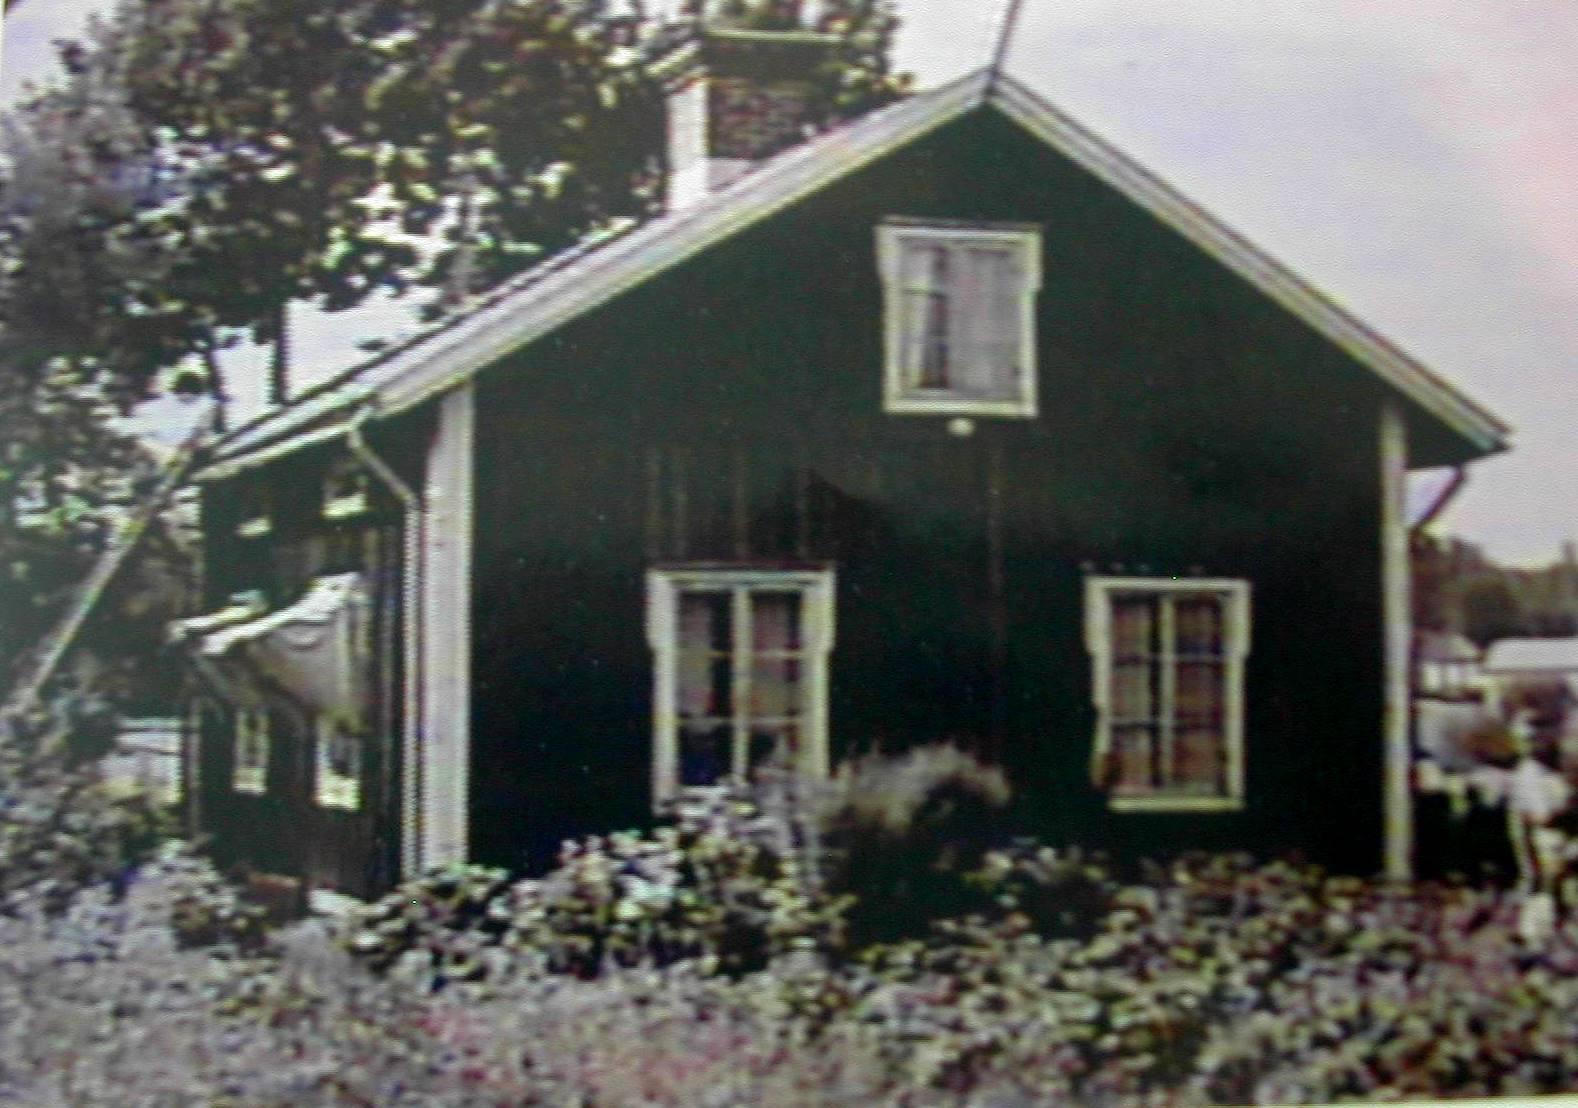 http://1.bp.blogspot.com/__DnTQMiJEgk/S-JCta2nOKI/AAAAAAAAAbs/tXRbHHSoDvQ/s1600/Forsgren,+Milda+Christina+home-Soderhamn,+Sweden+retouched.jpg